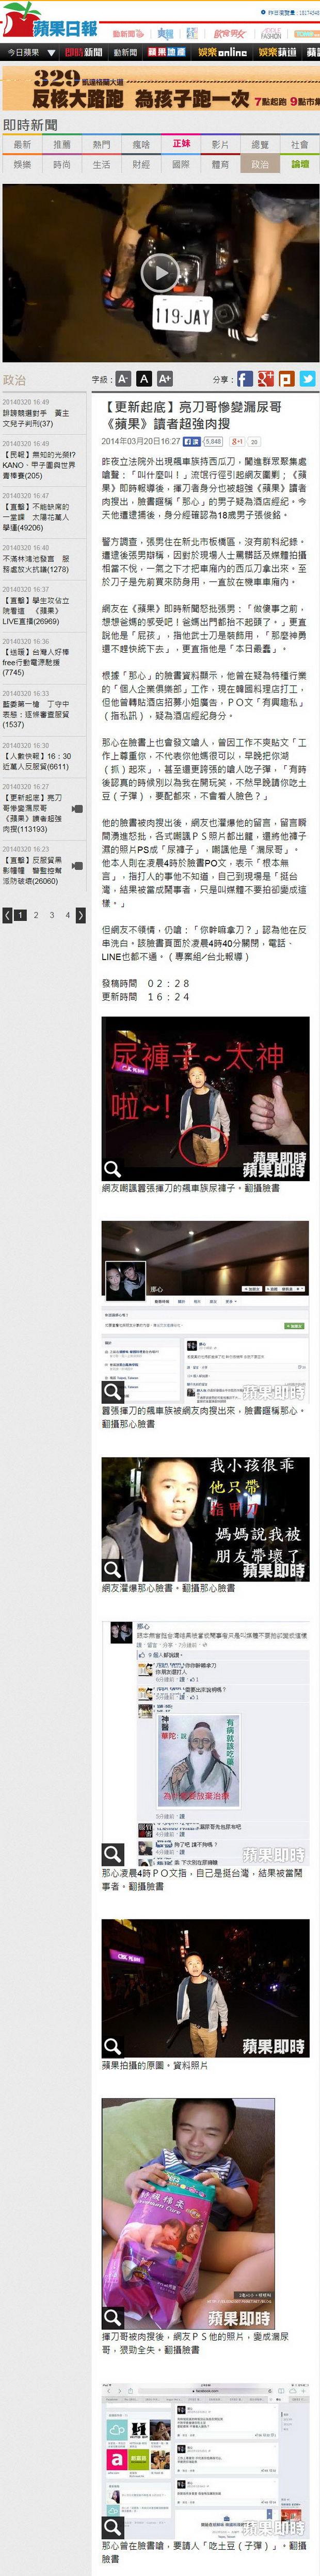 亮刀哥慘變漏尿哥 《蘋果》讀者超強肉搜-2014.03.20.jpg